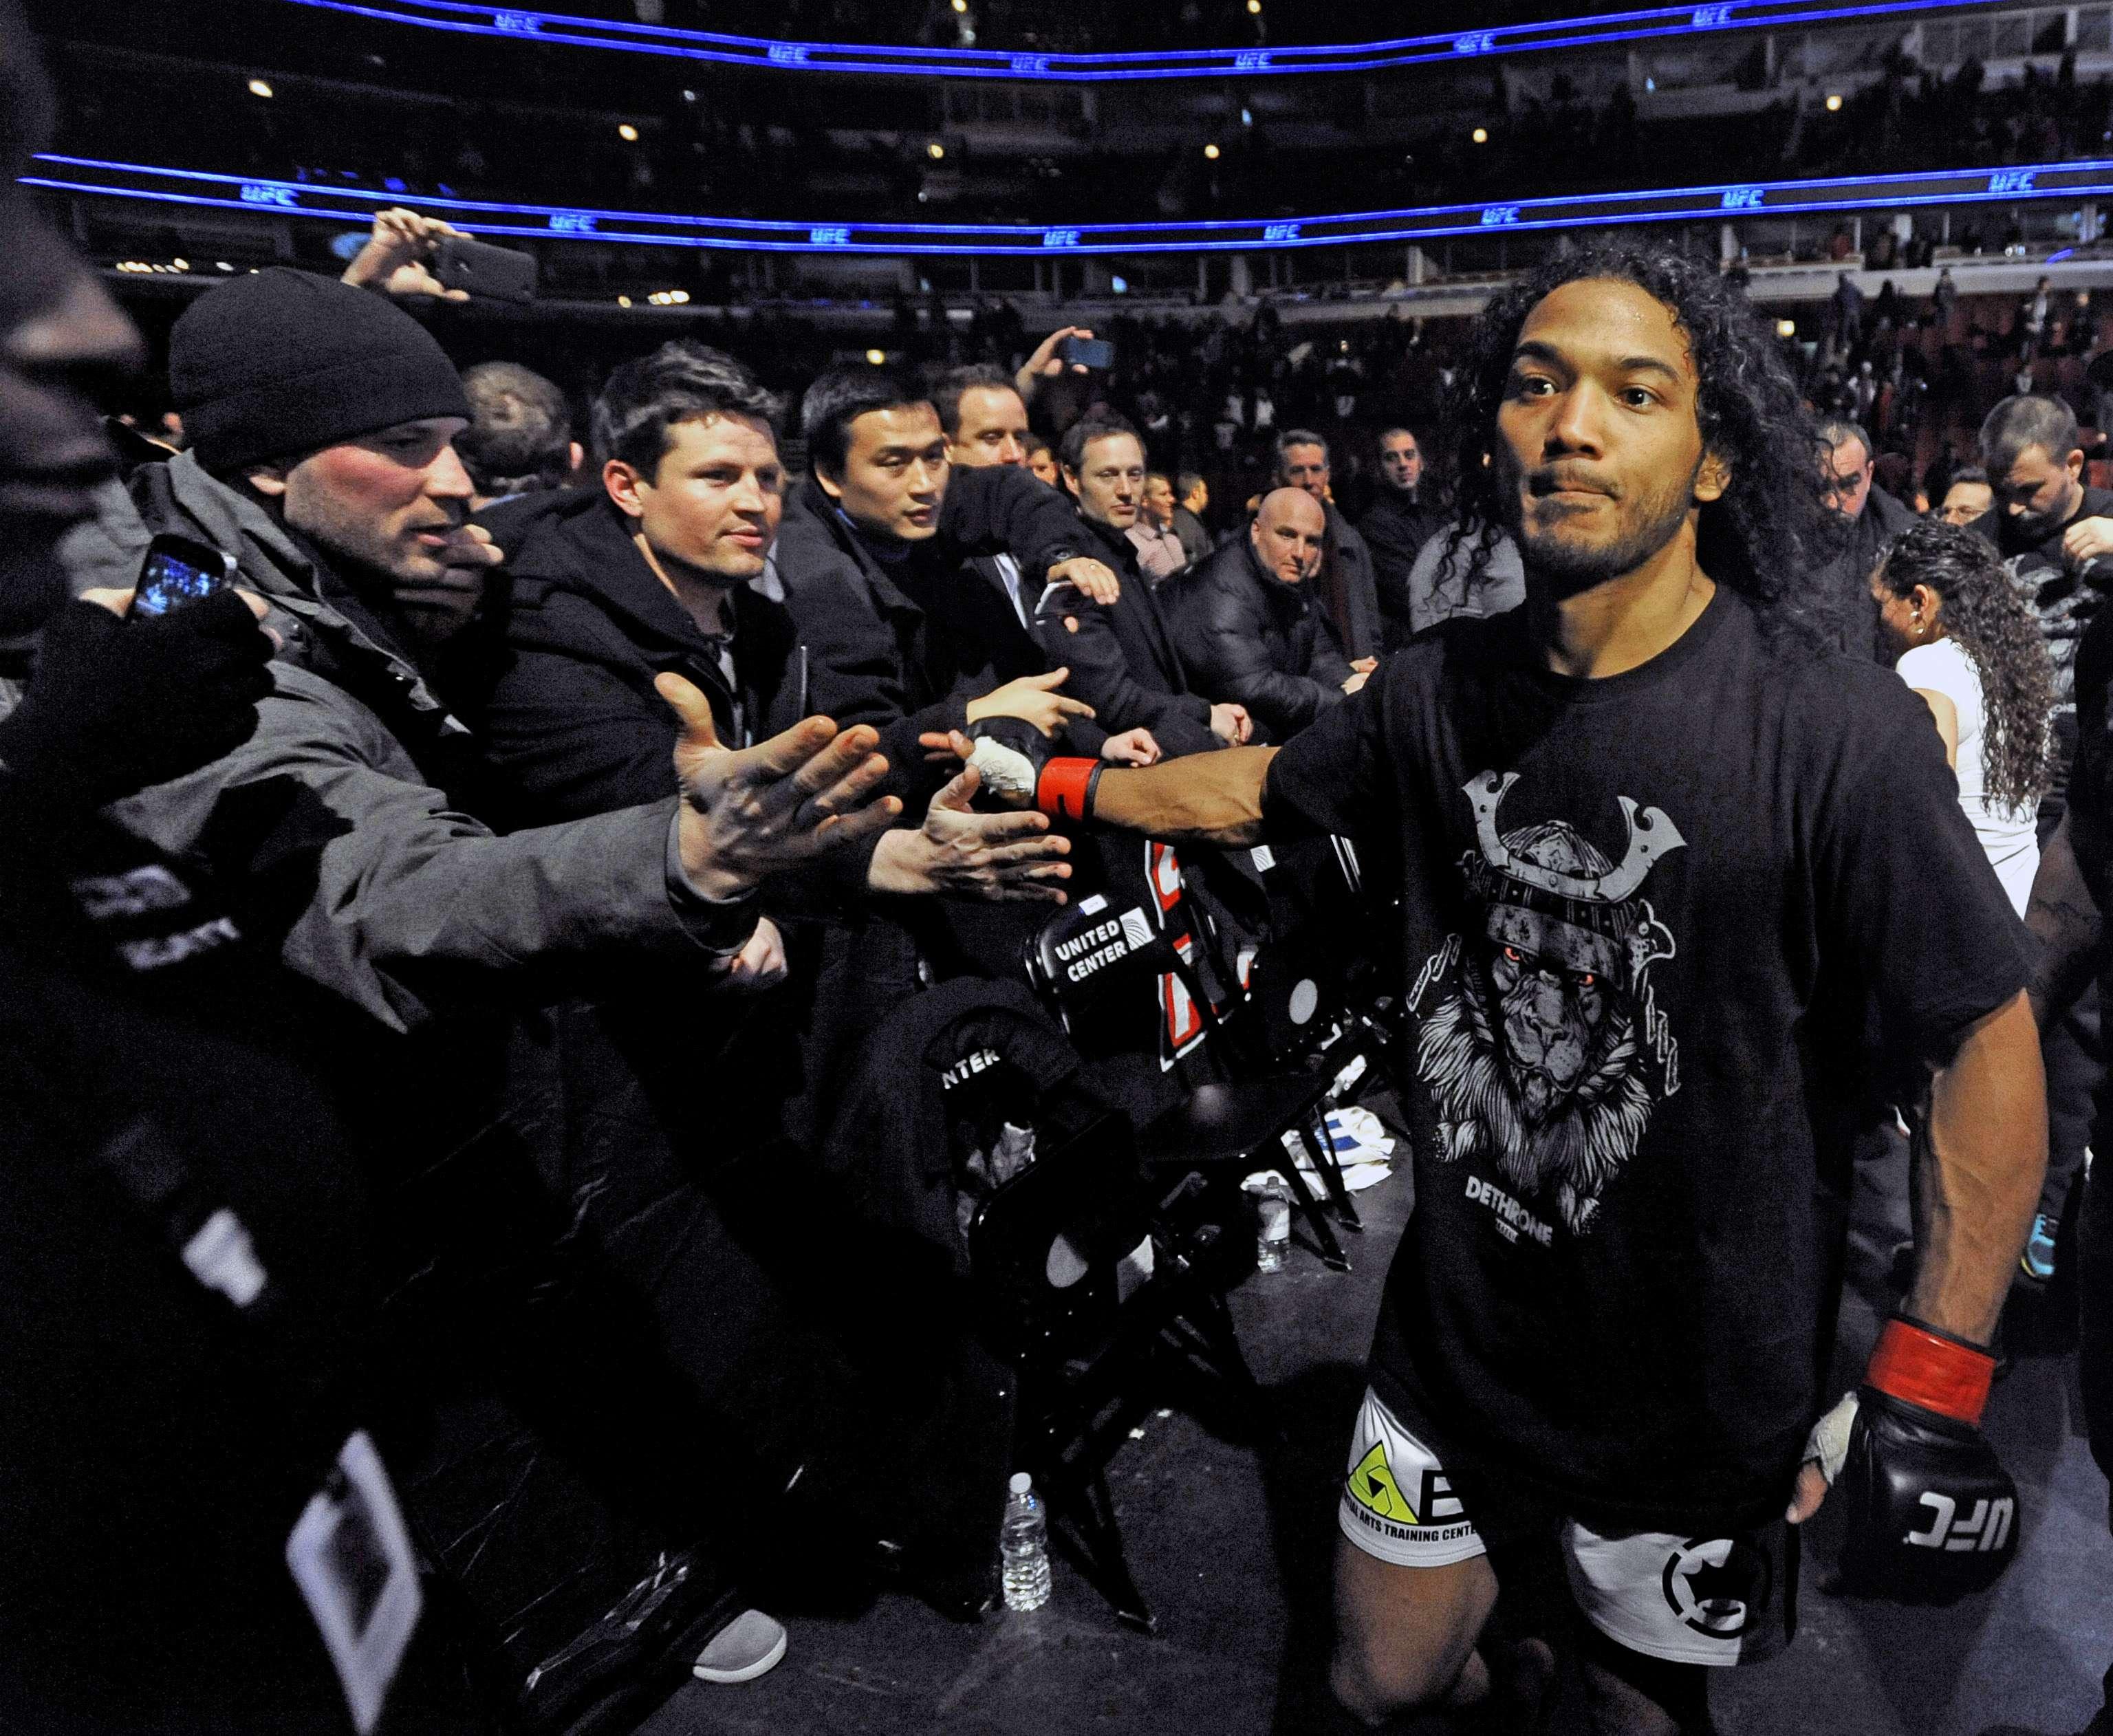 Henderson busca una pelea con el campeón Pettis. Foto: AP